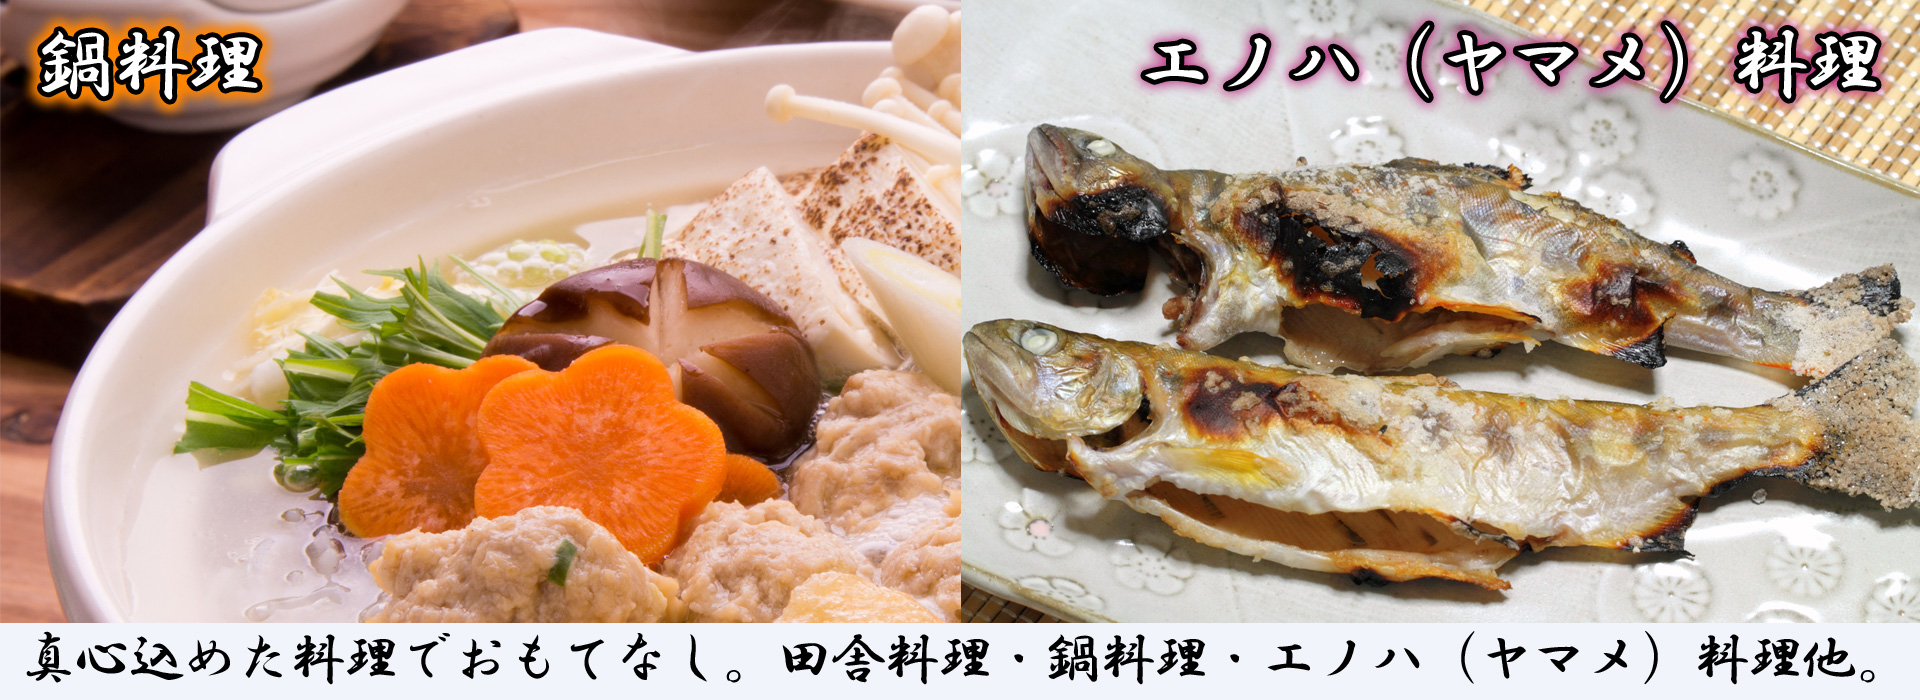 長湯温泉名物エノハ料理 塩焼き 刺し身 高級和牛豊後牛のすき焼きコース 焼き肉コース